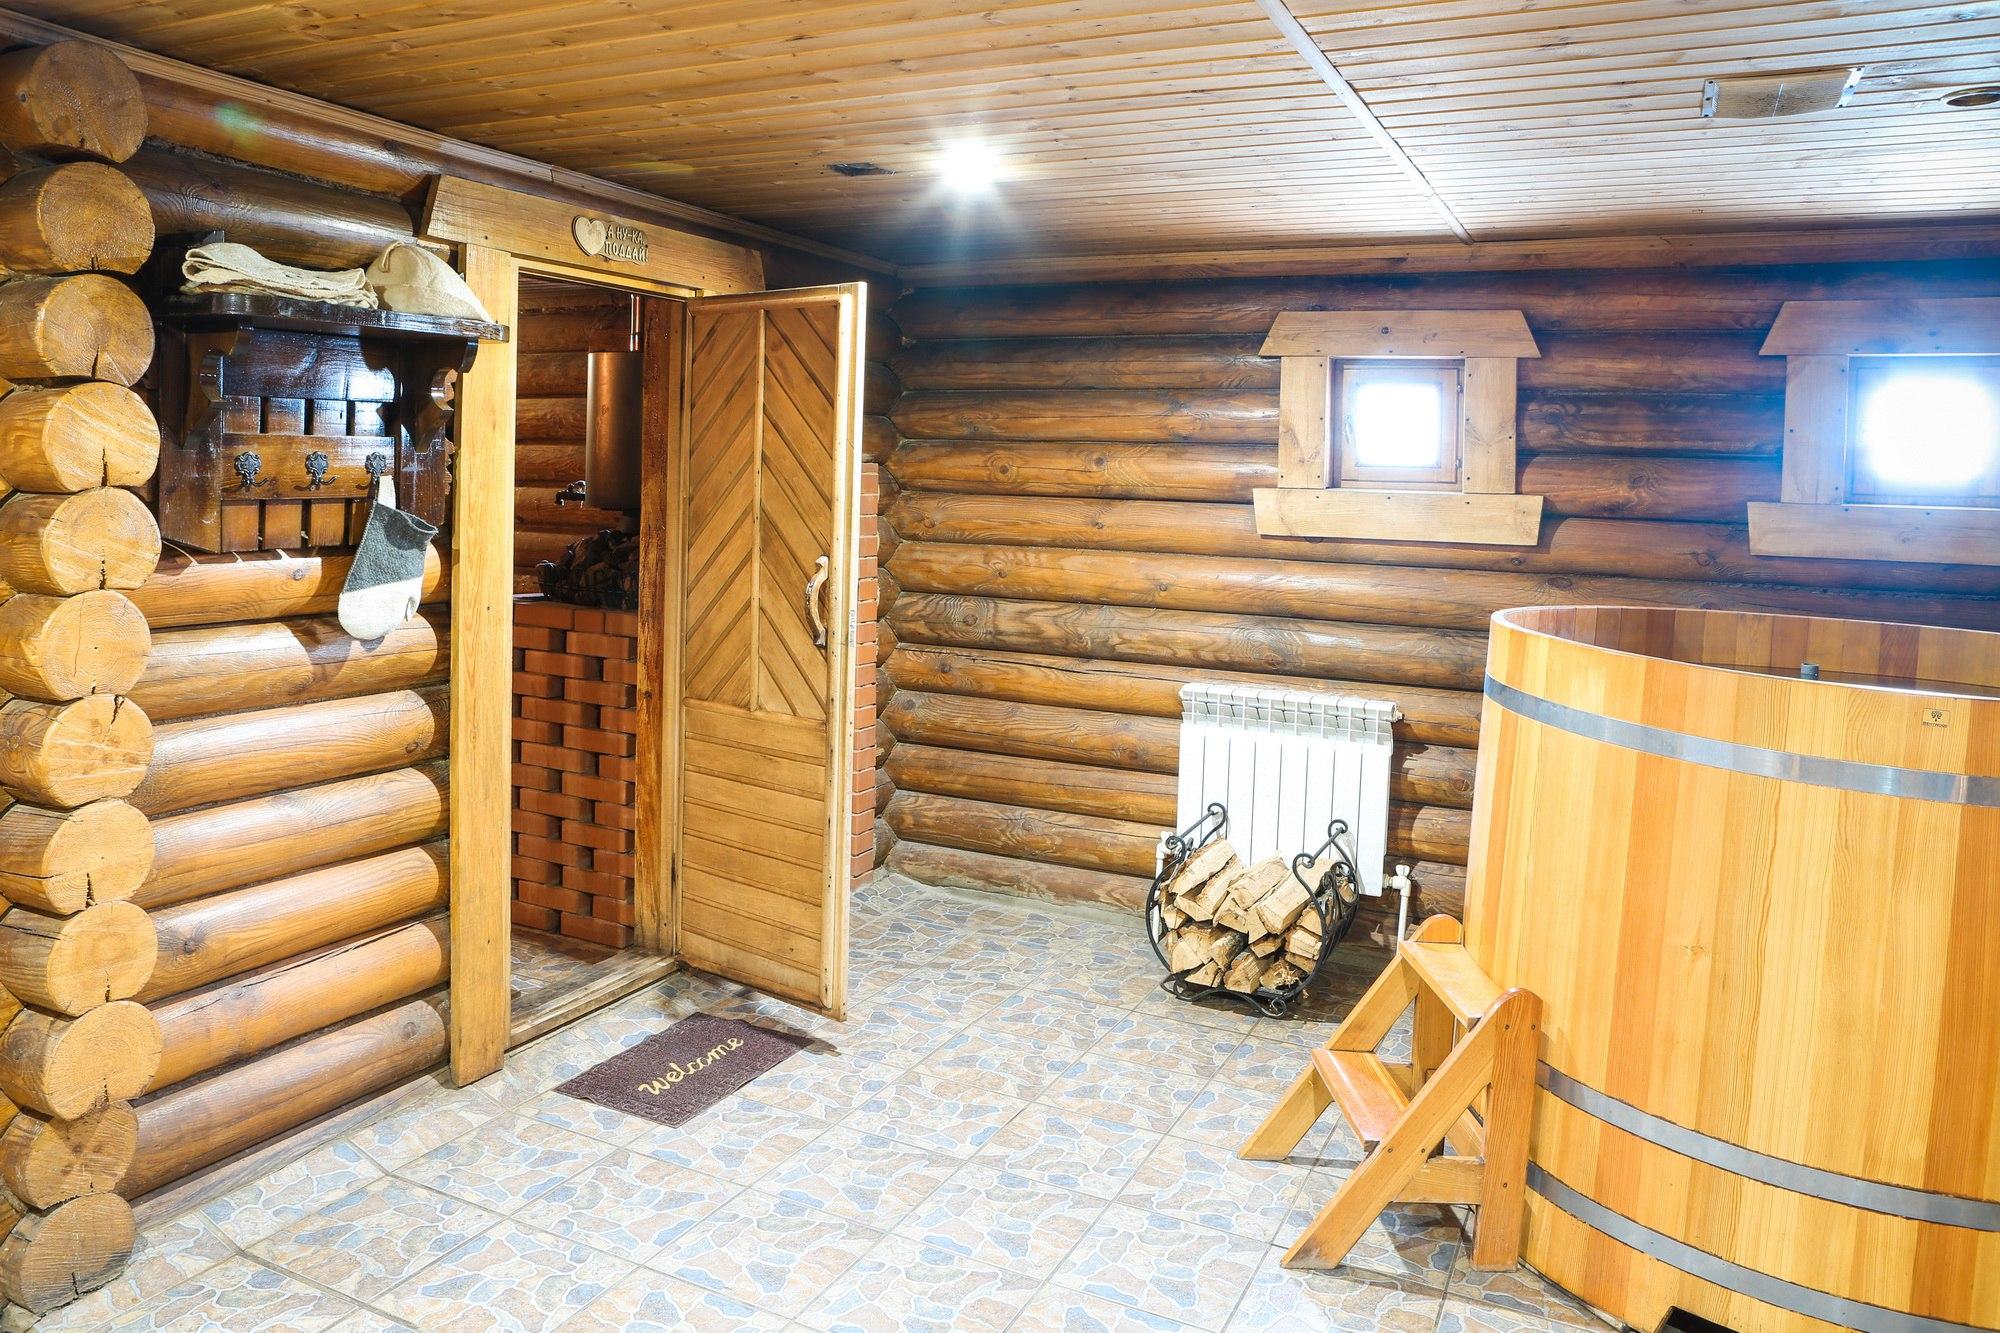 Сауна Русский дух в Пензе, описание, фотографии, цены.